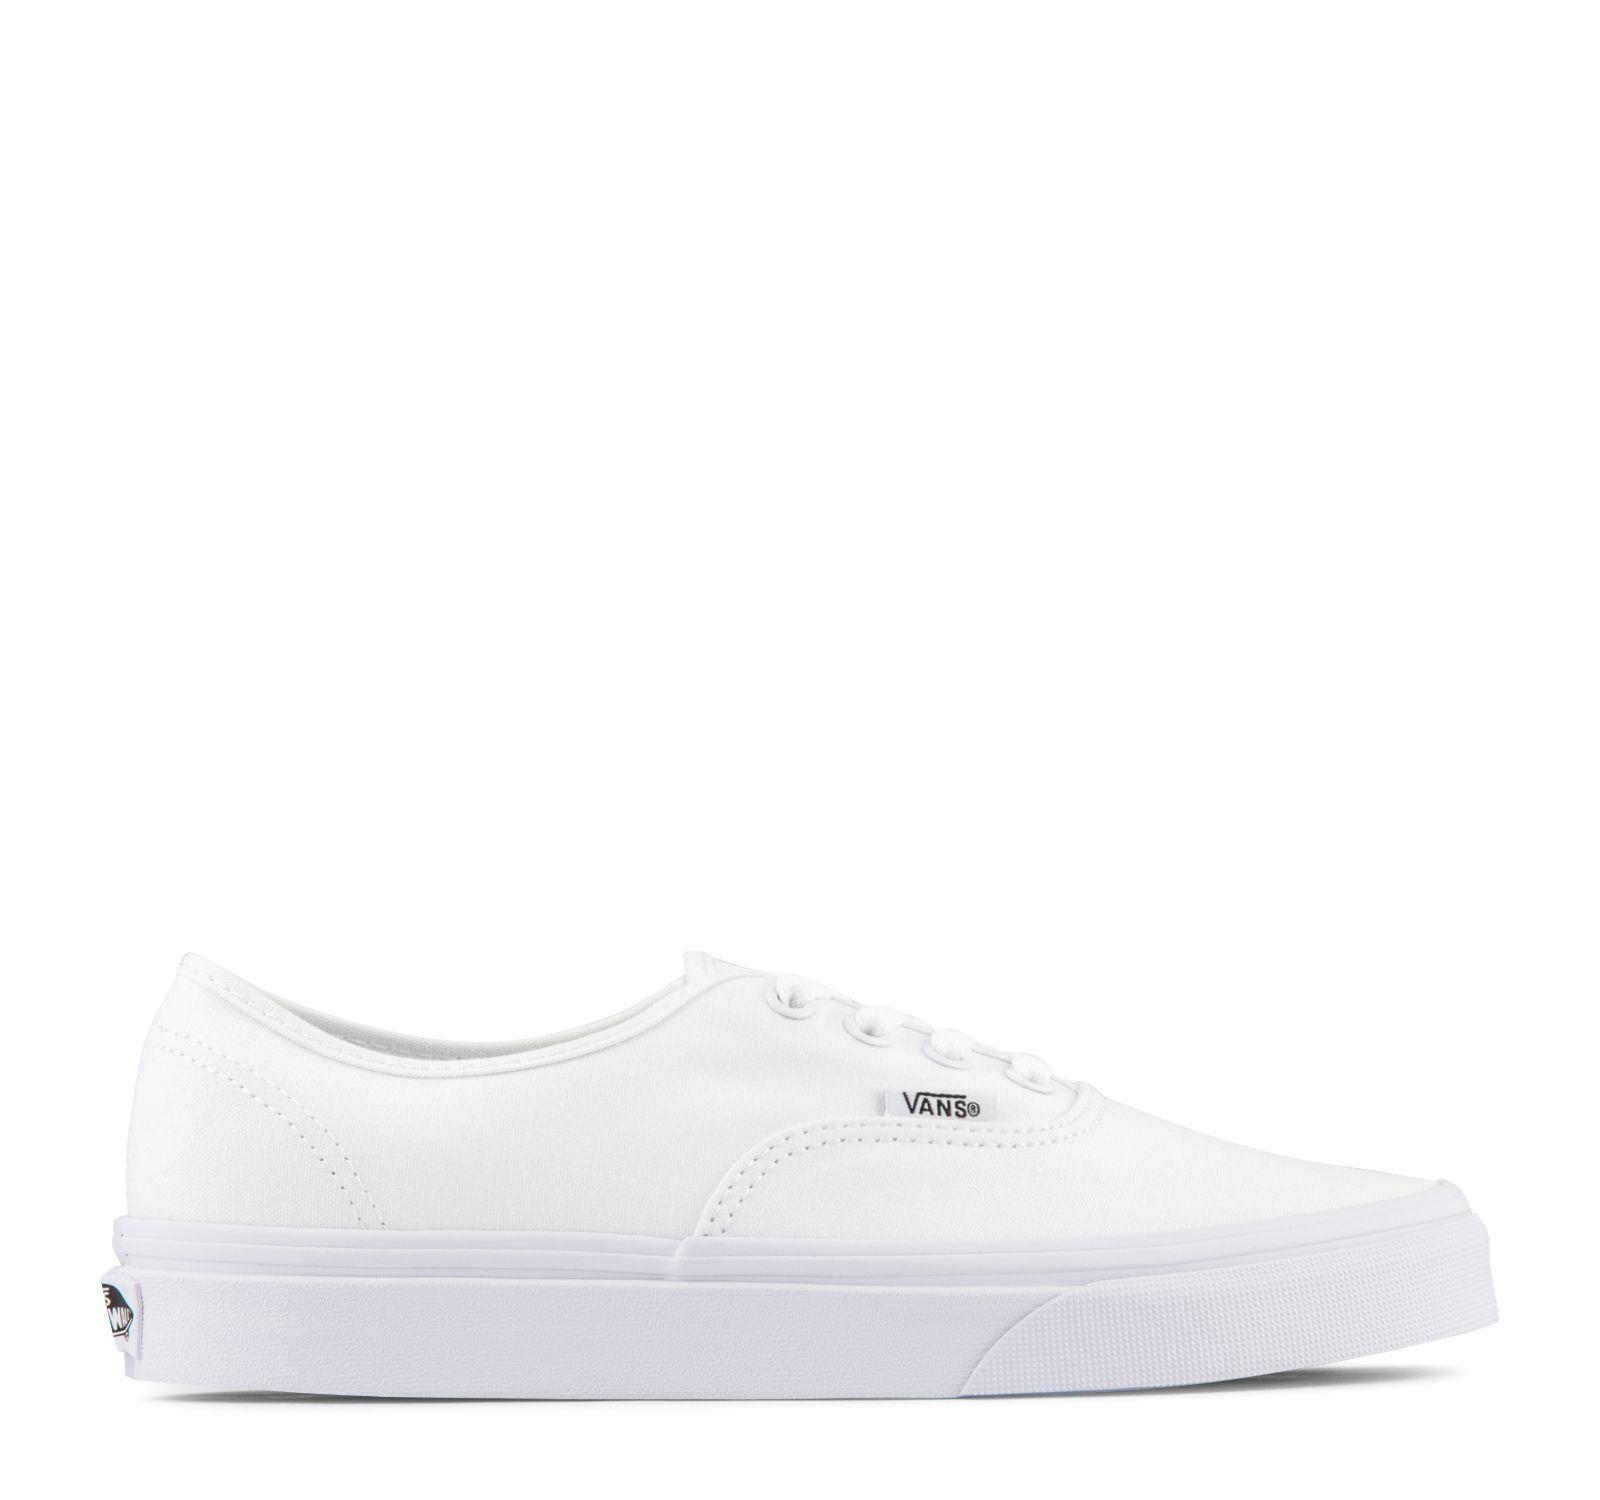 64046f1ee8d58a Vans Authentic - True White